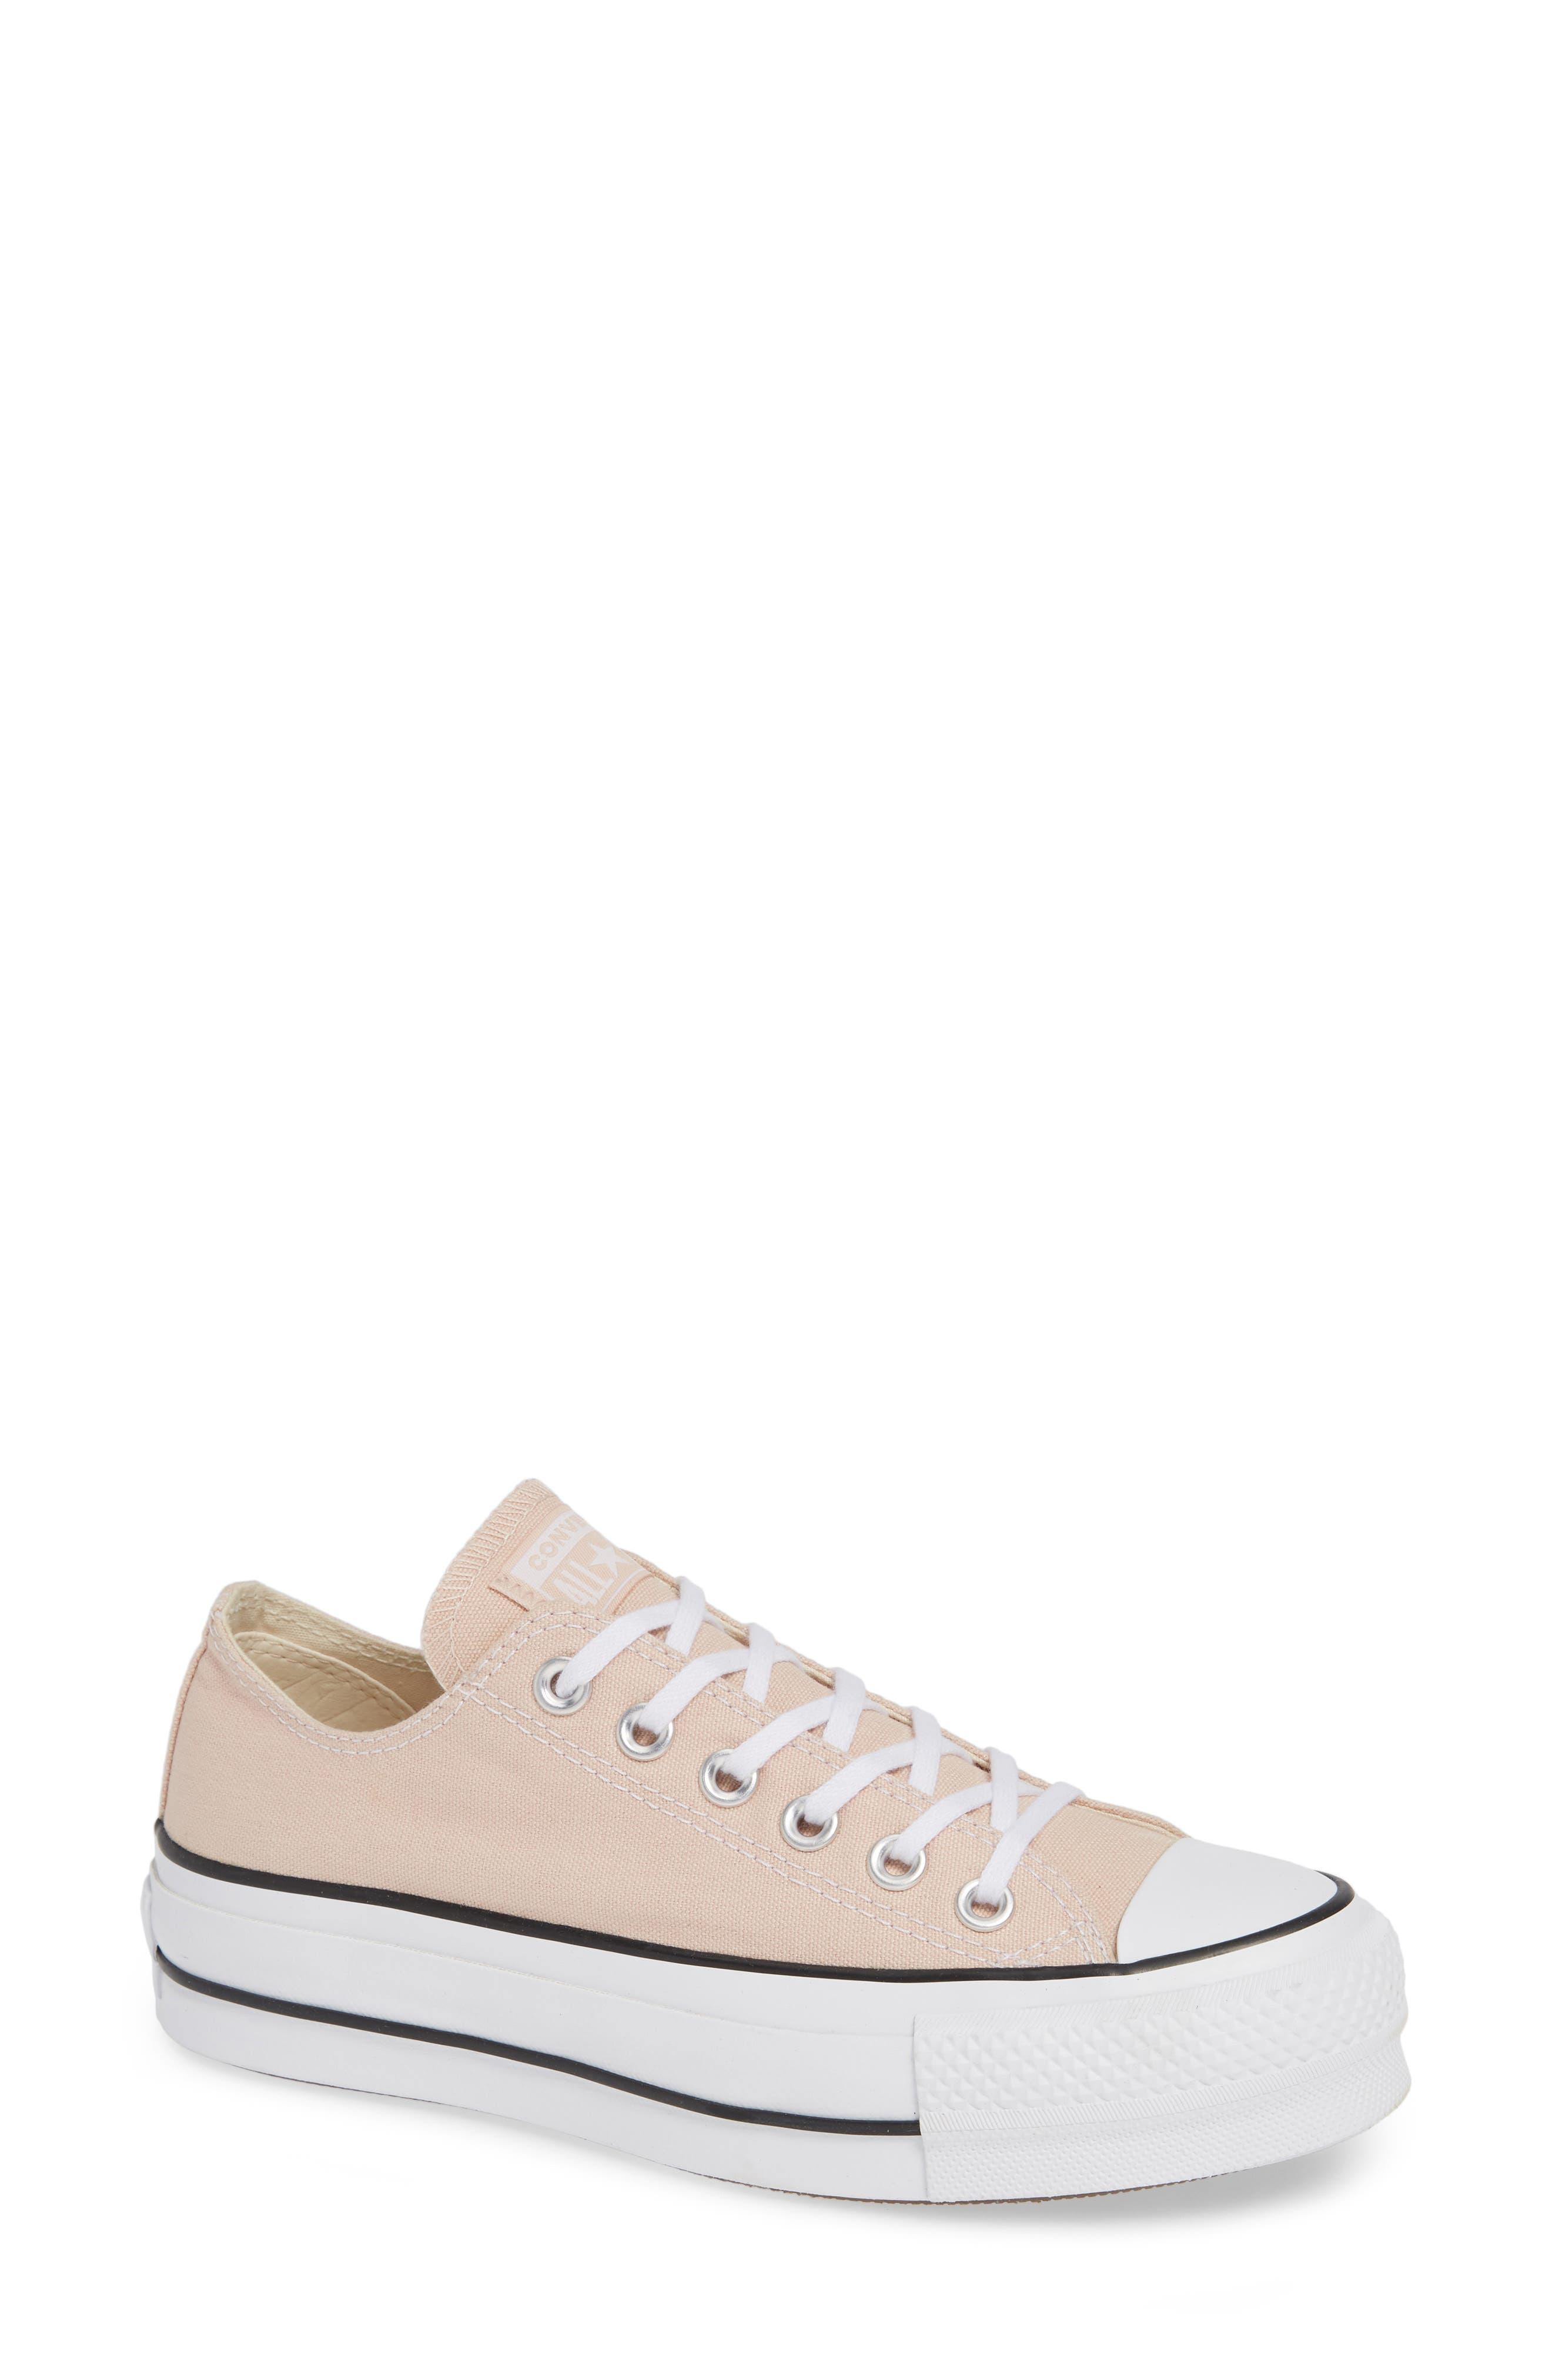 Converse Chuck Taylor All Star Platform Sneaker, Pink